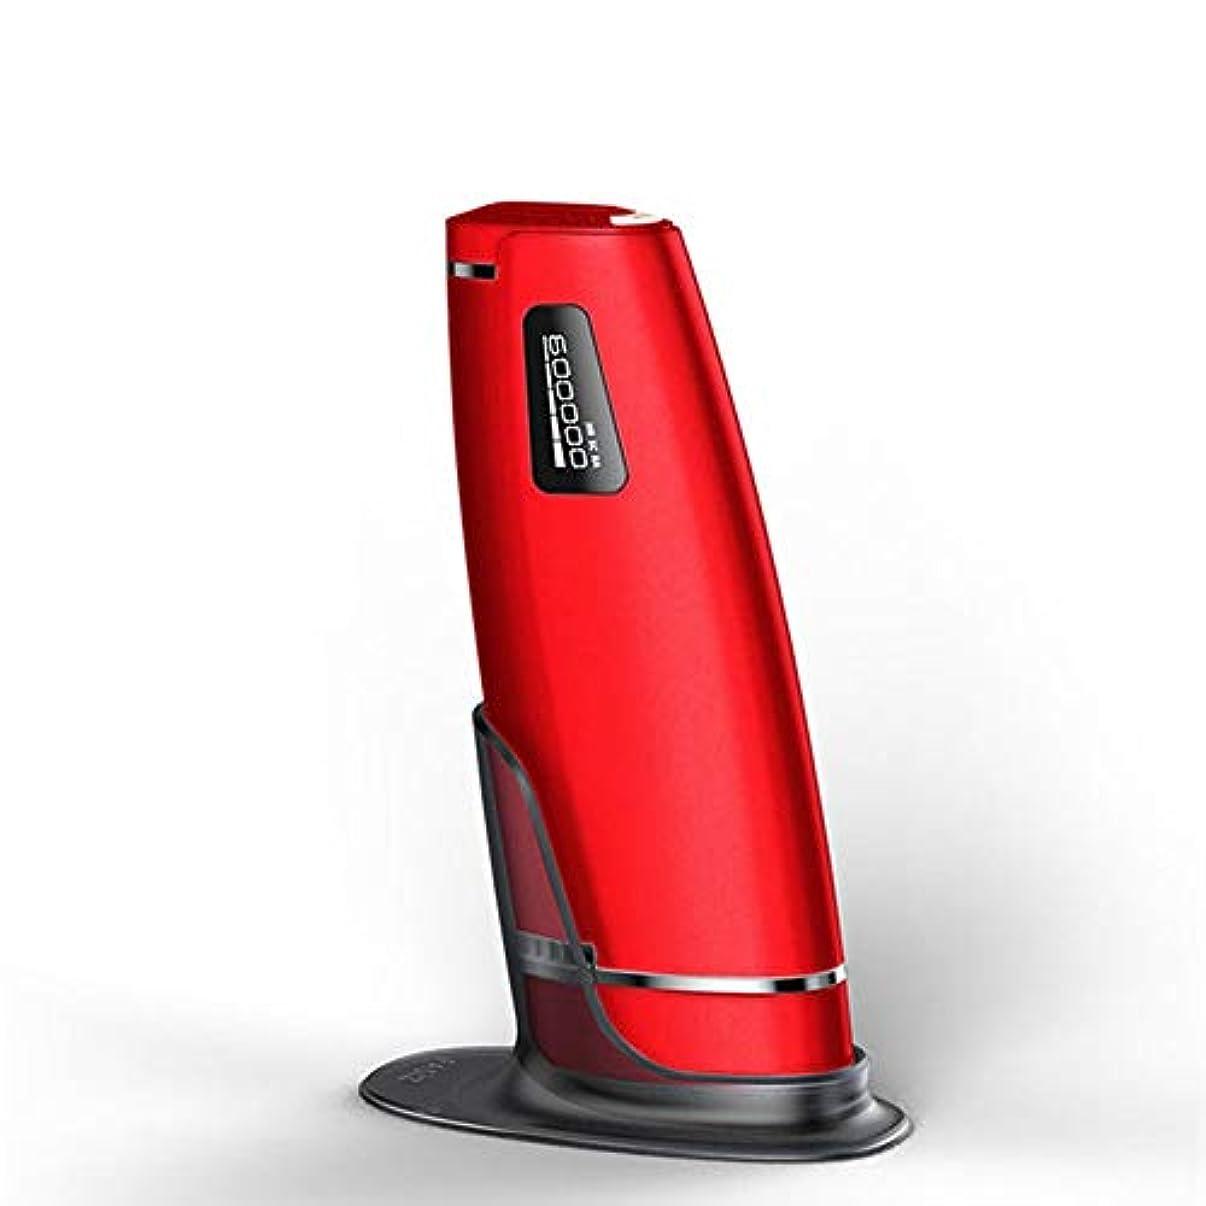 抵抗提供する精神Nuanxin 赤、デュアルモード、ホームオートマチック無痛脱毛剤、携帯用永久脱毛剤、5スピード調整、サイズ20.5 X 4.5 X 7 Cm F30 (Color : Red)